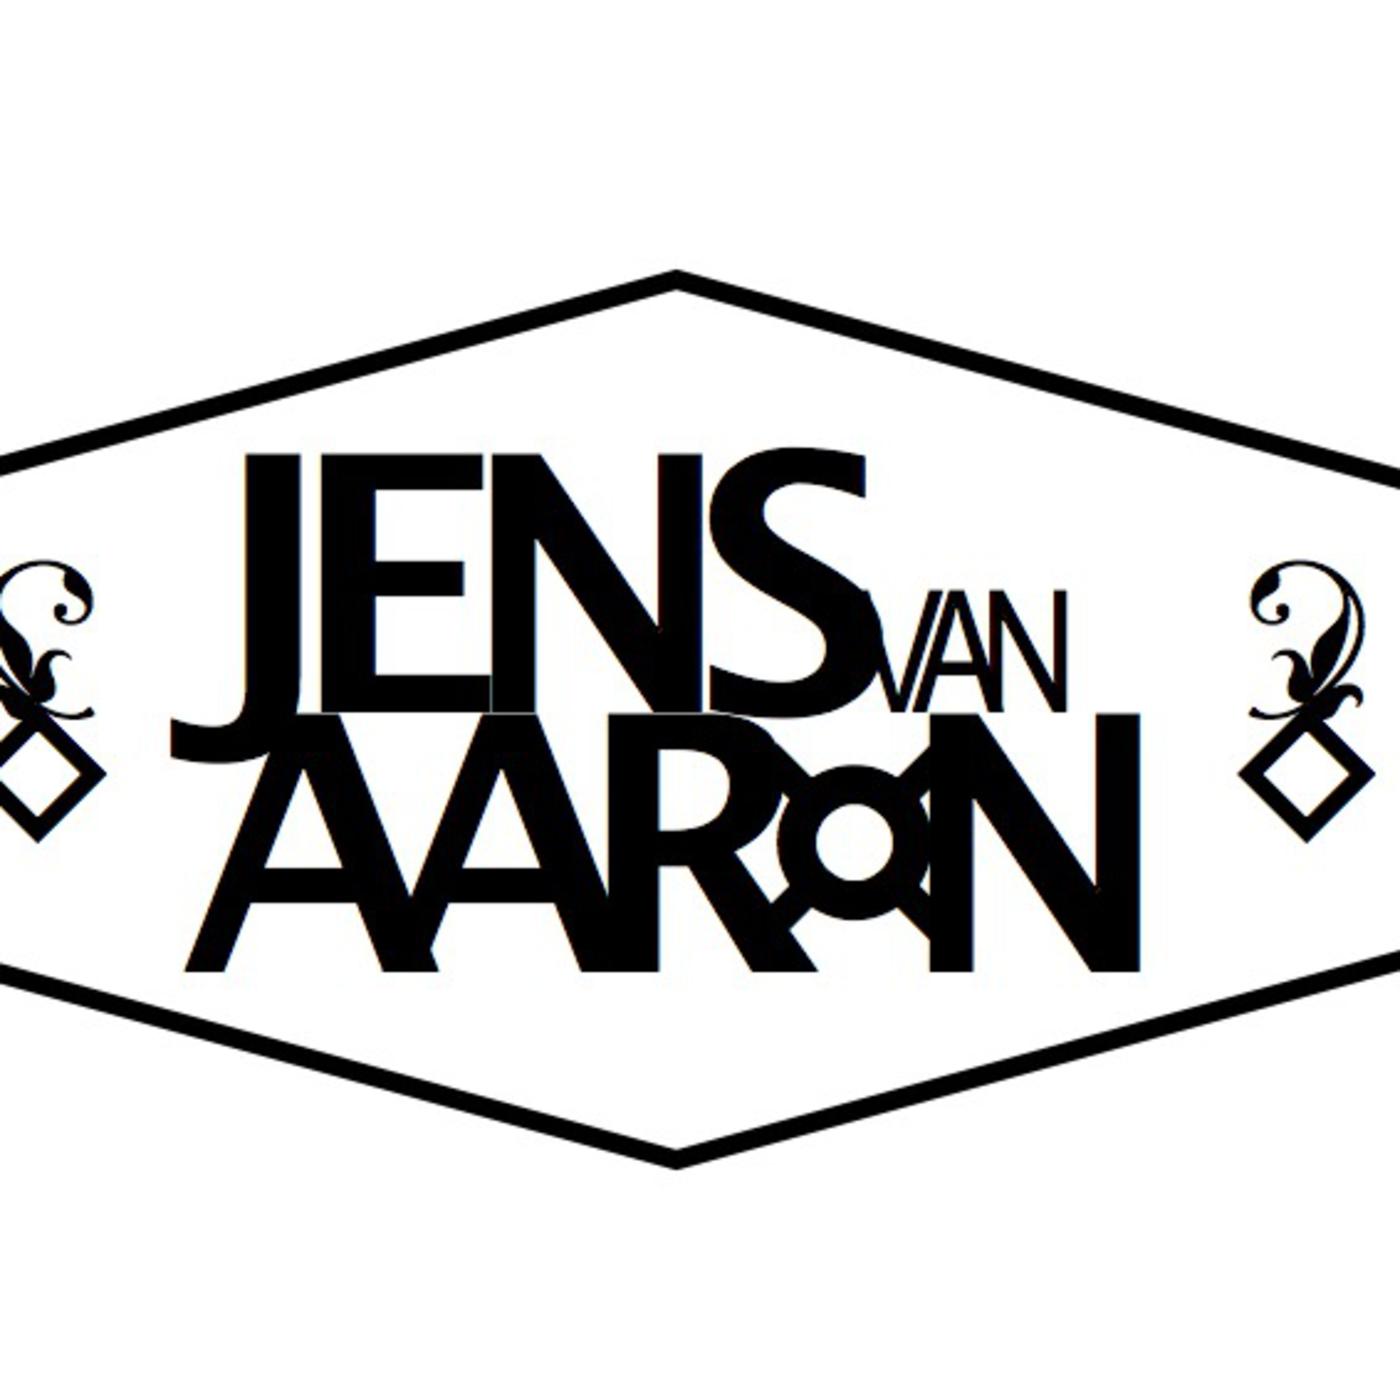 Jens' Dens (Jens Van Aaron)